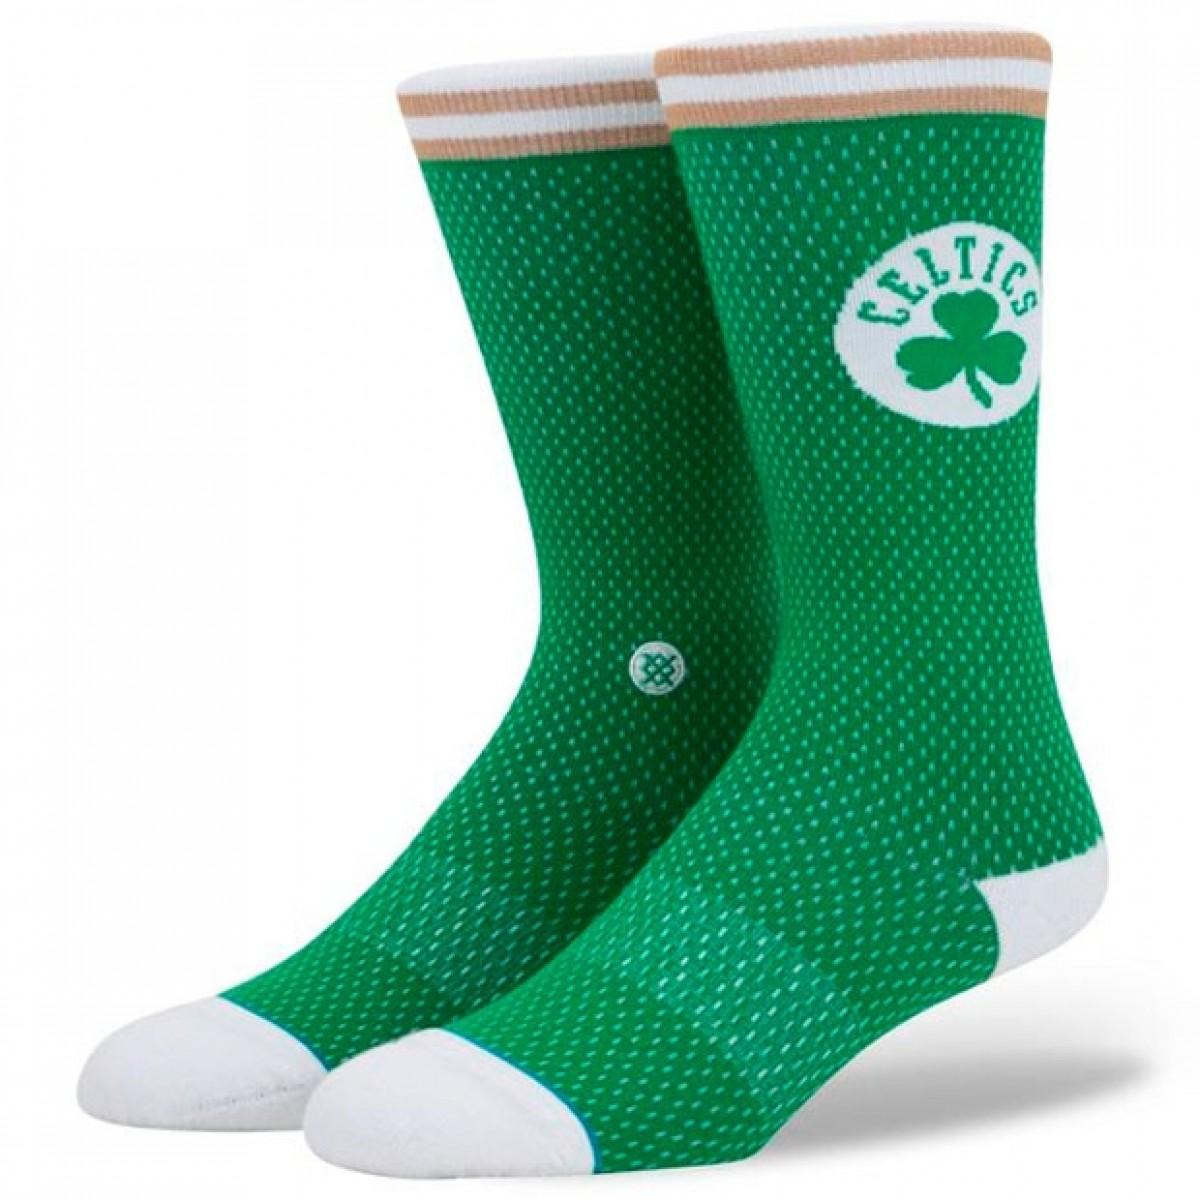 Stance Jersey 'Celtics'